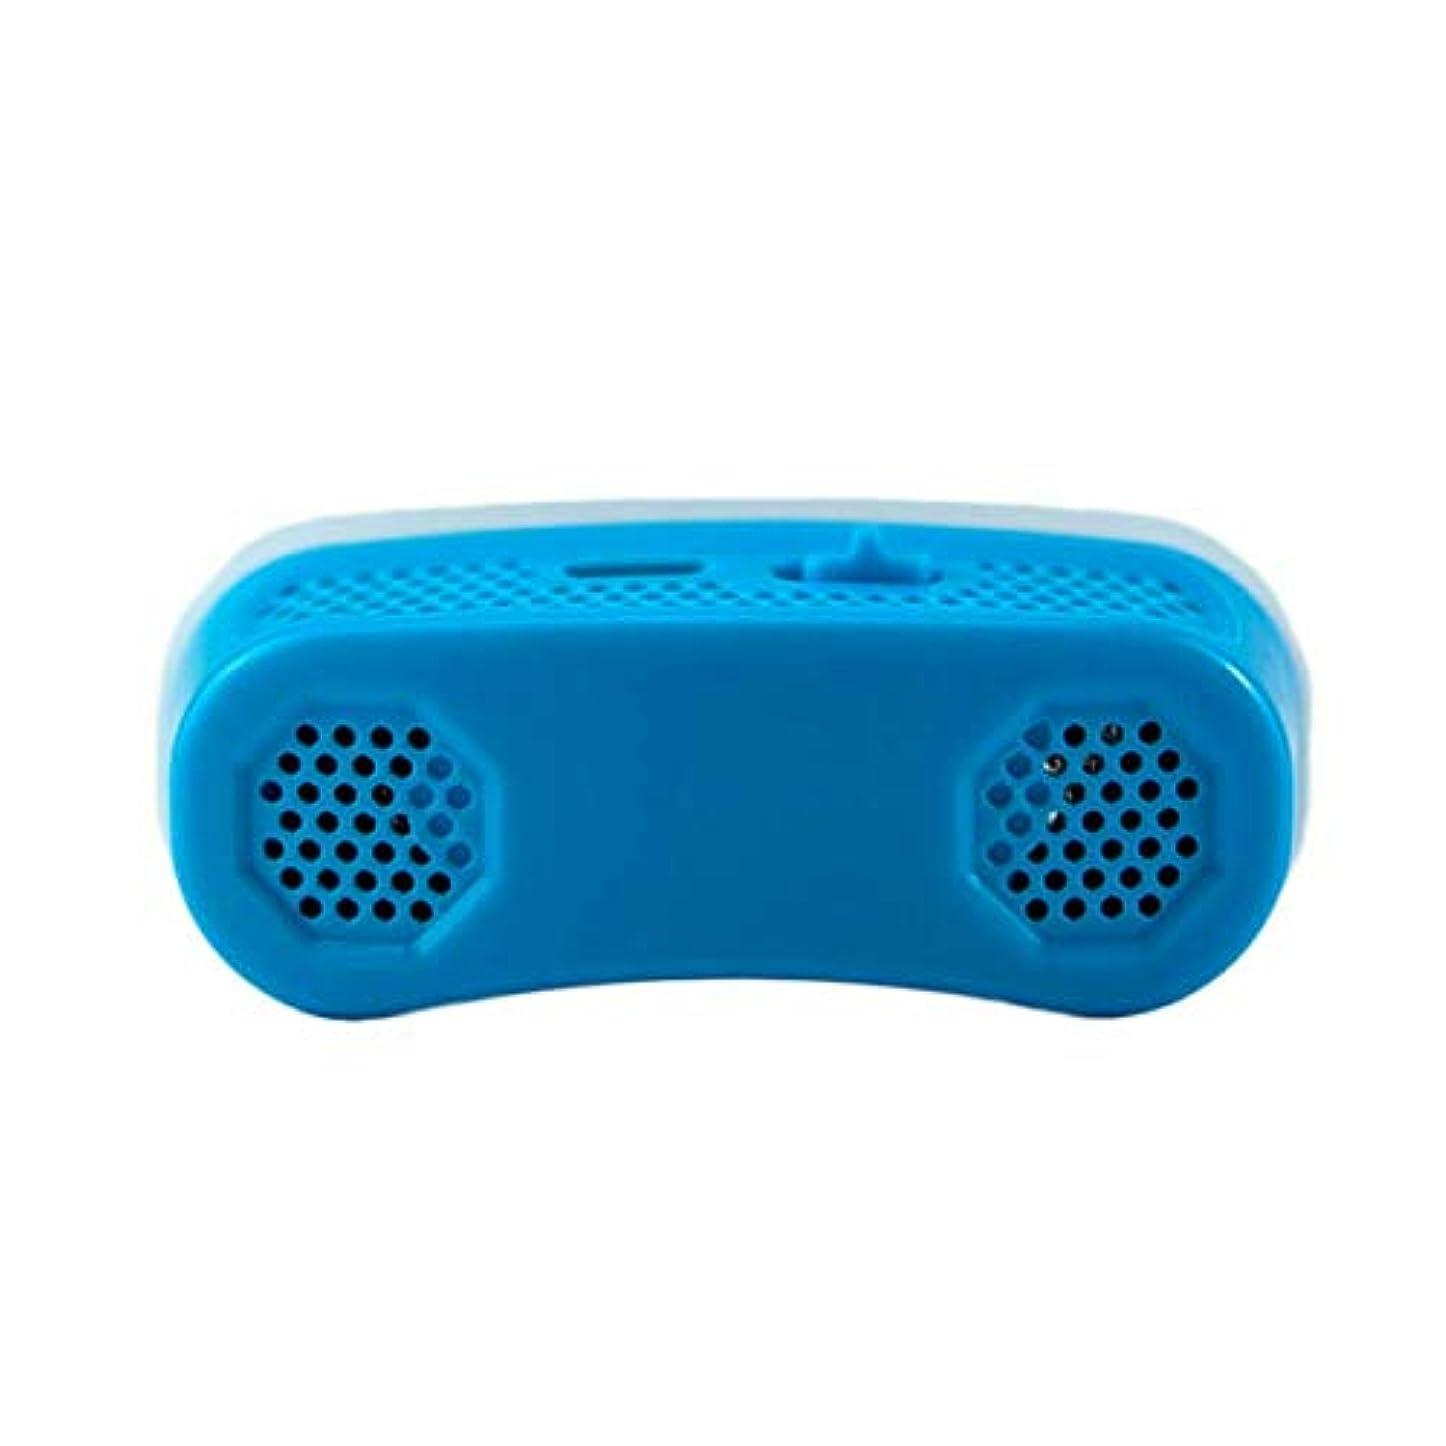 ブランド完璧な寂しい睡眠時無呼吸停止いびき止め栓 - 青のためのマイクロCPAP抗いびき電子デバイス